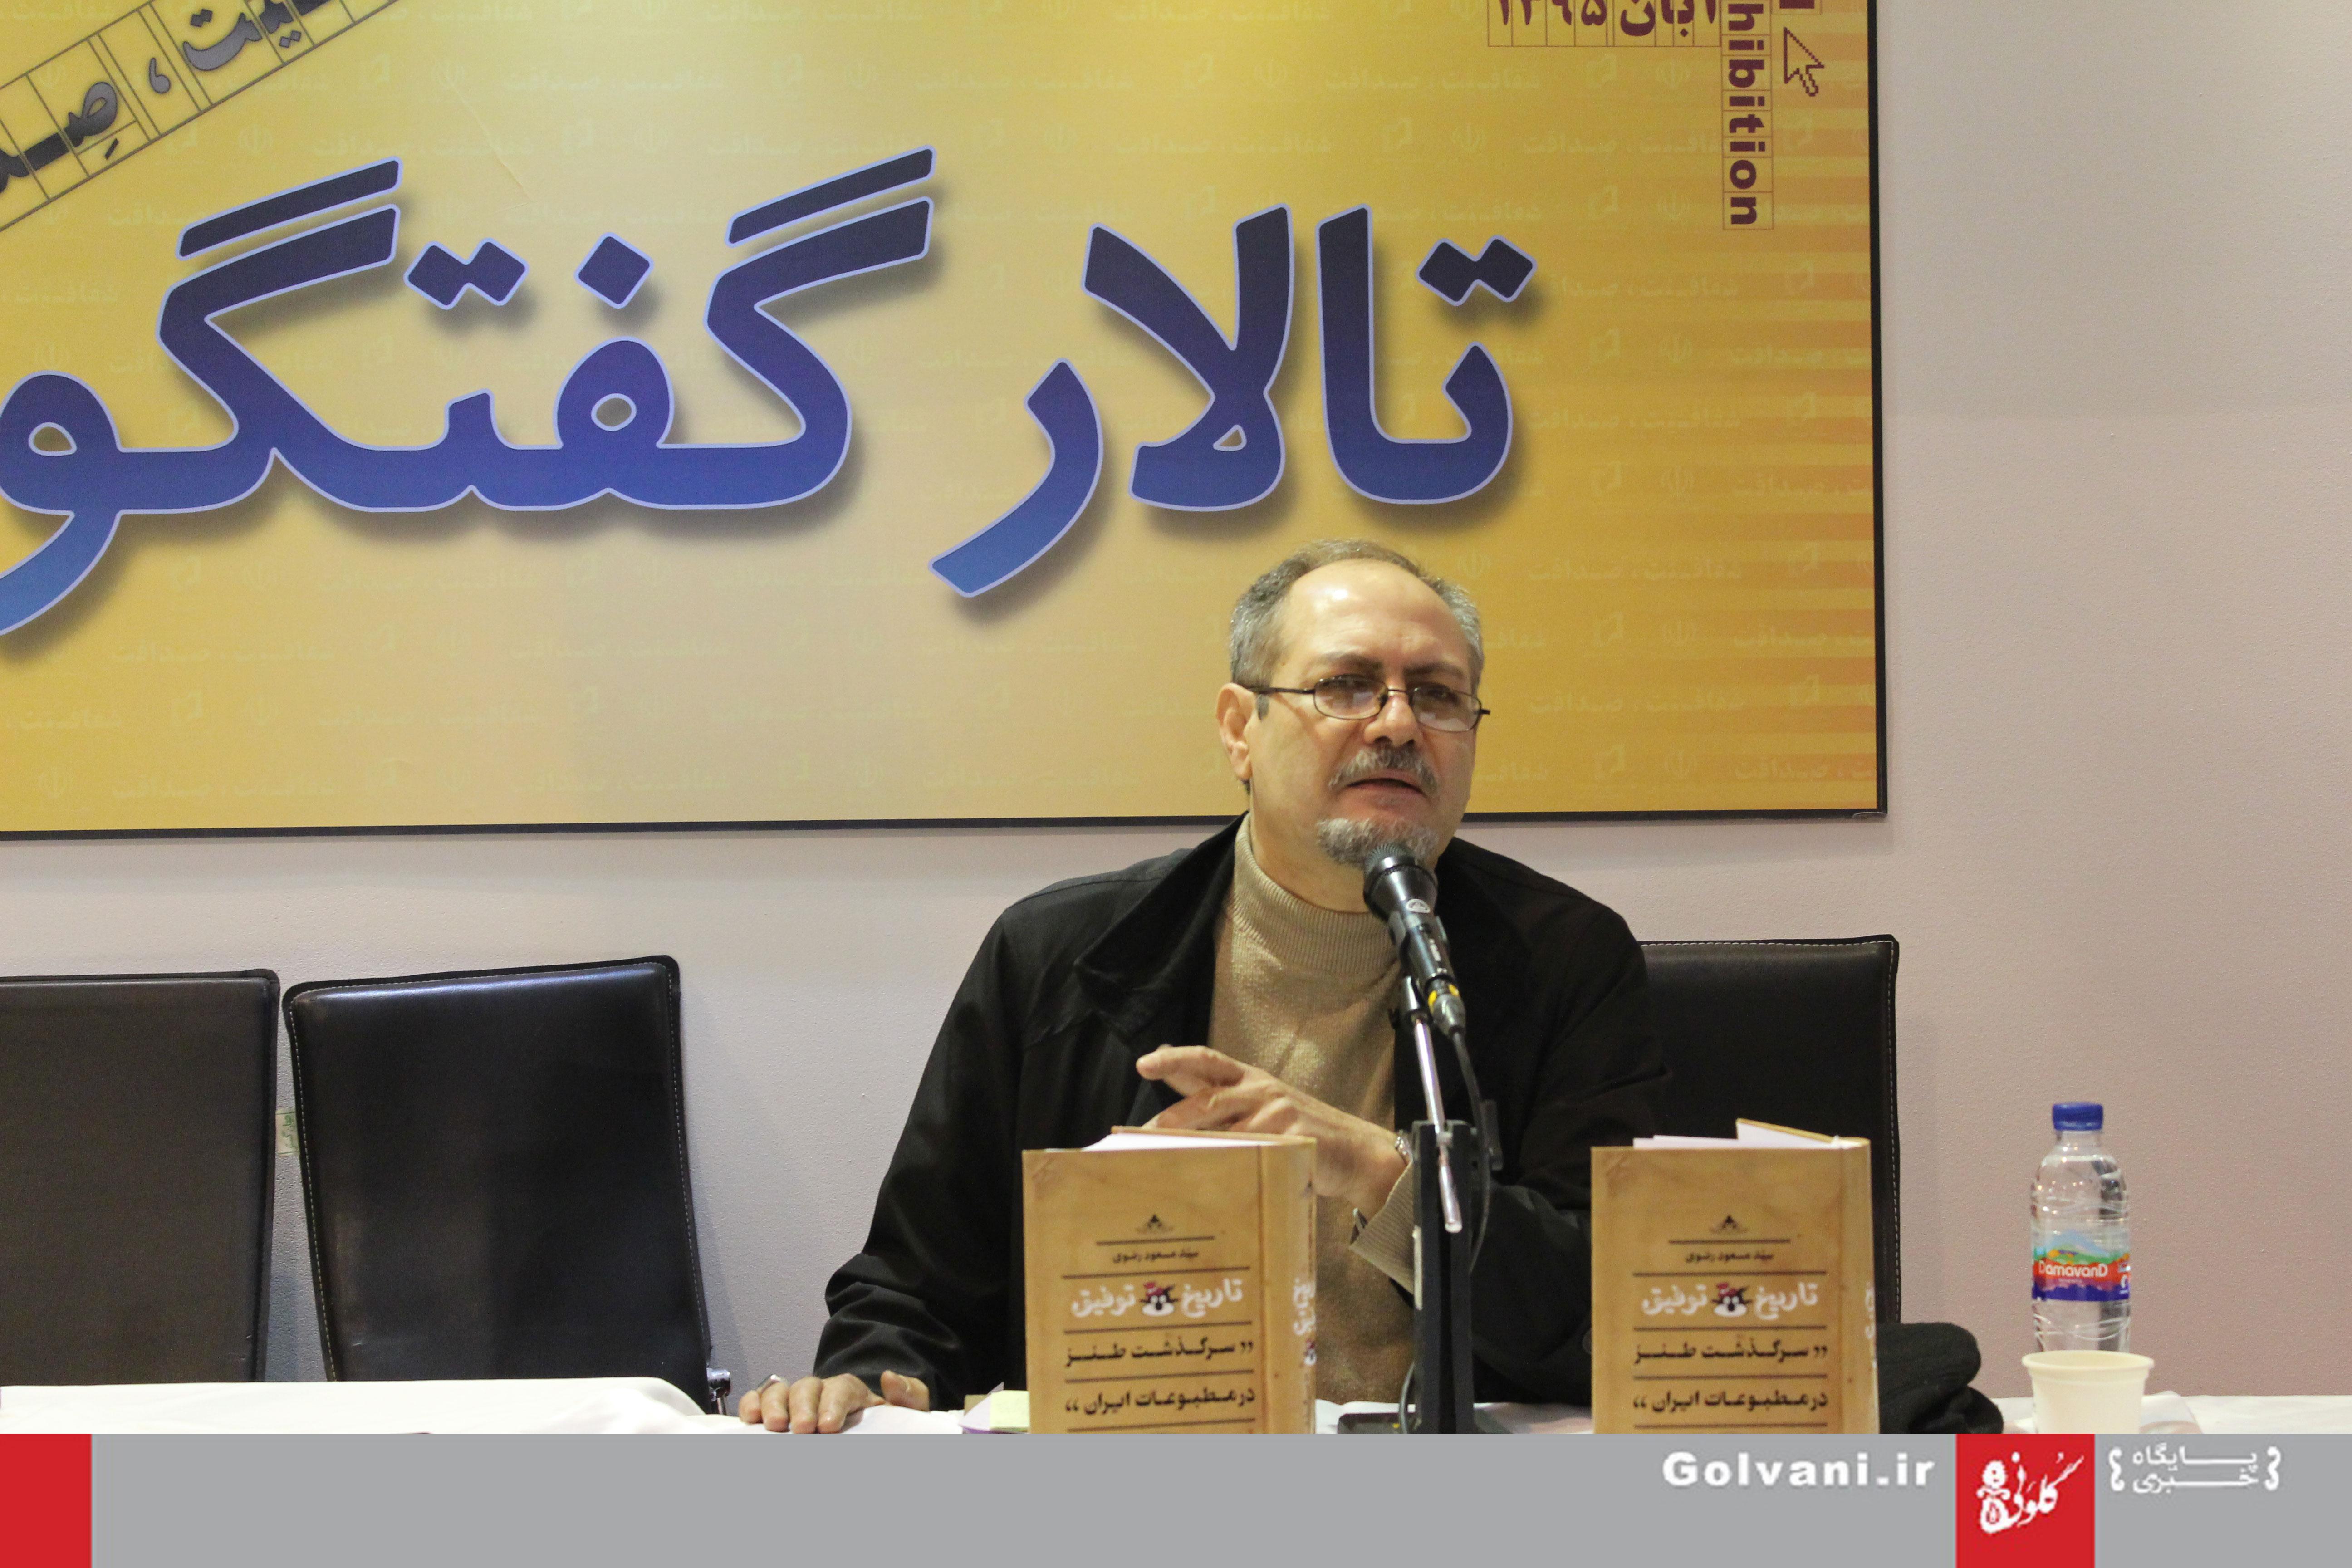 طنز ایران مدیون توفیق است